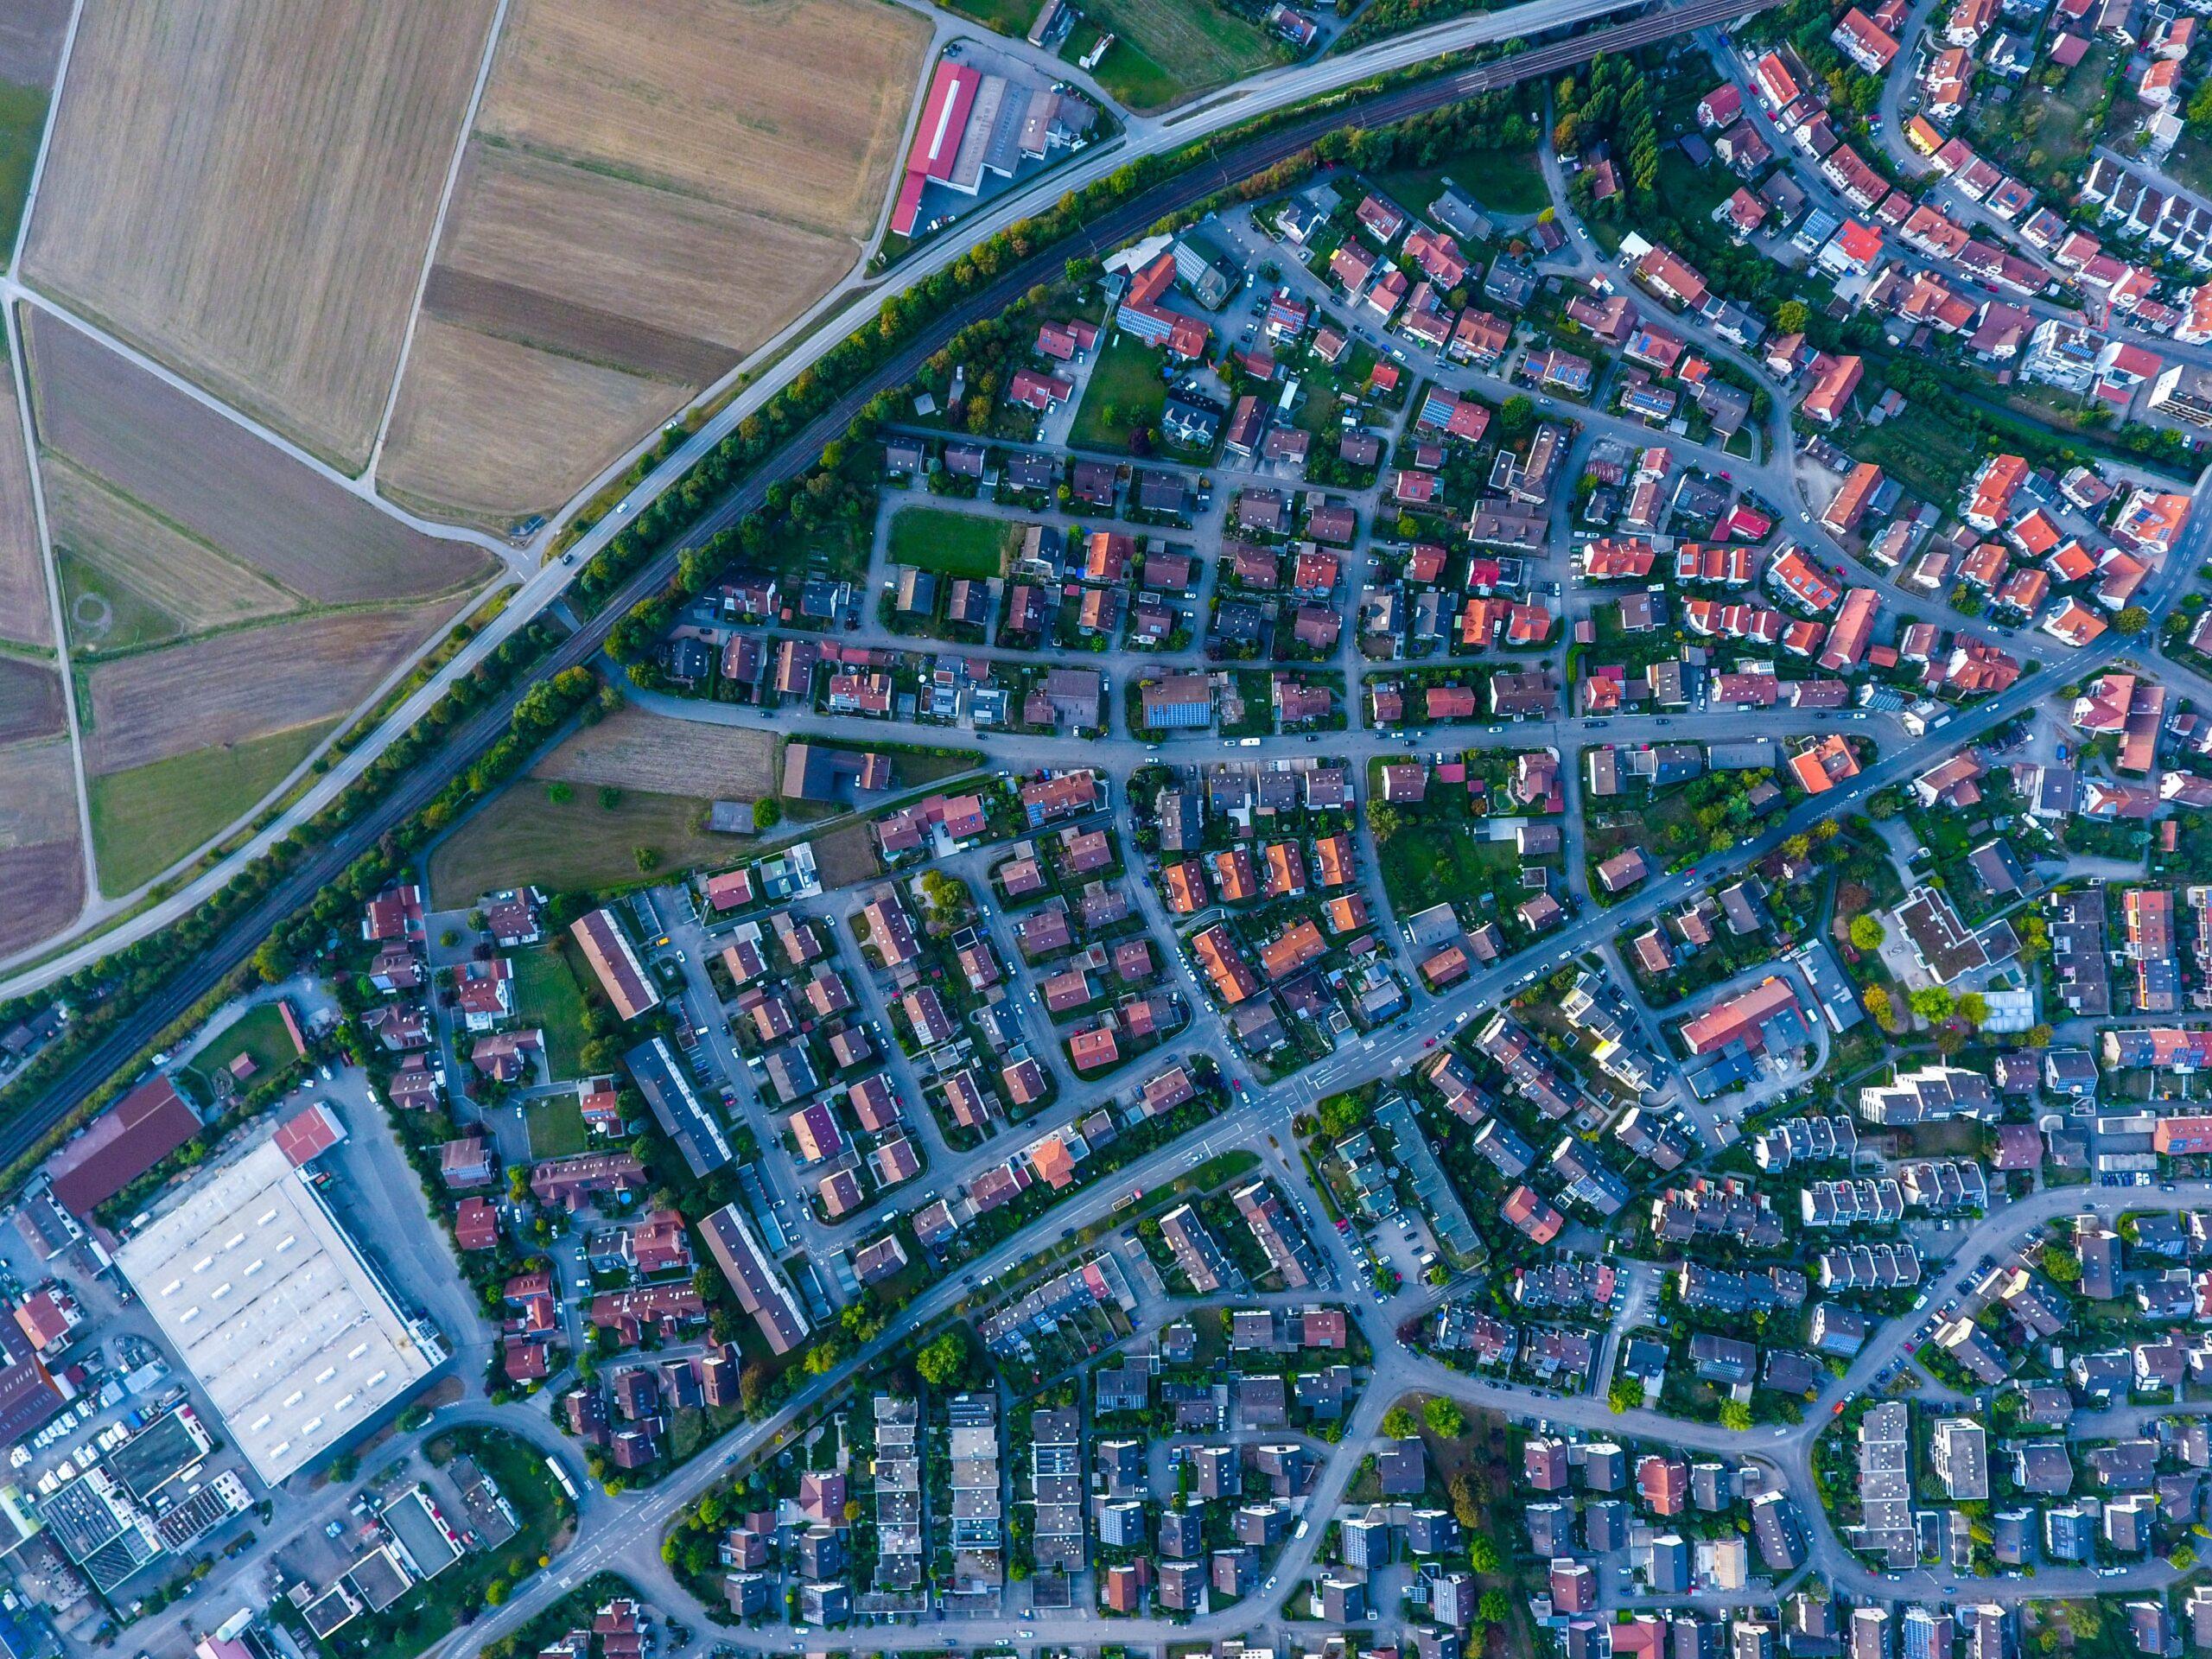 Vizualizácia otvorených dát v mestách a obciach